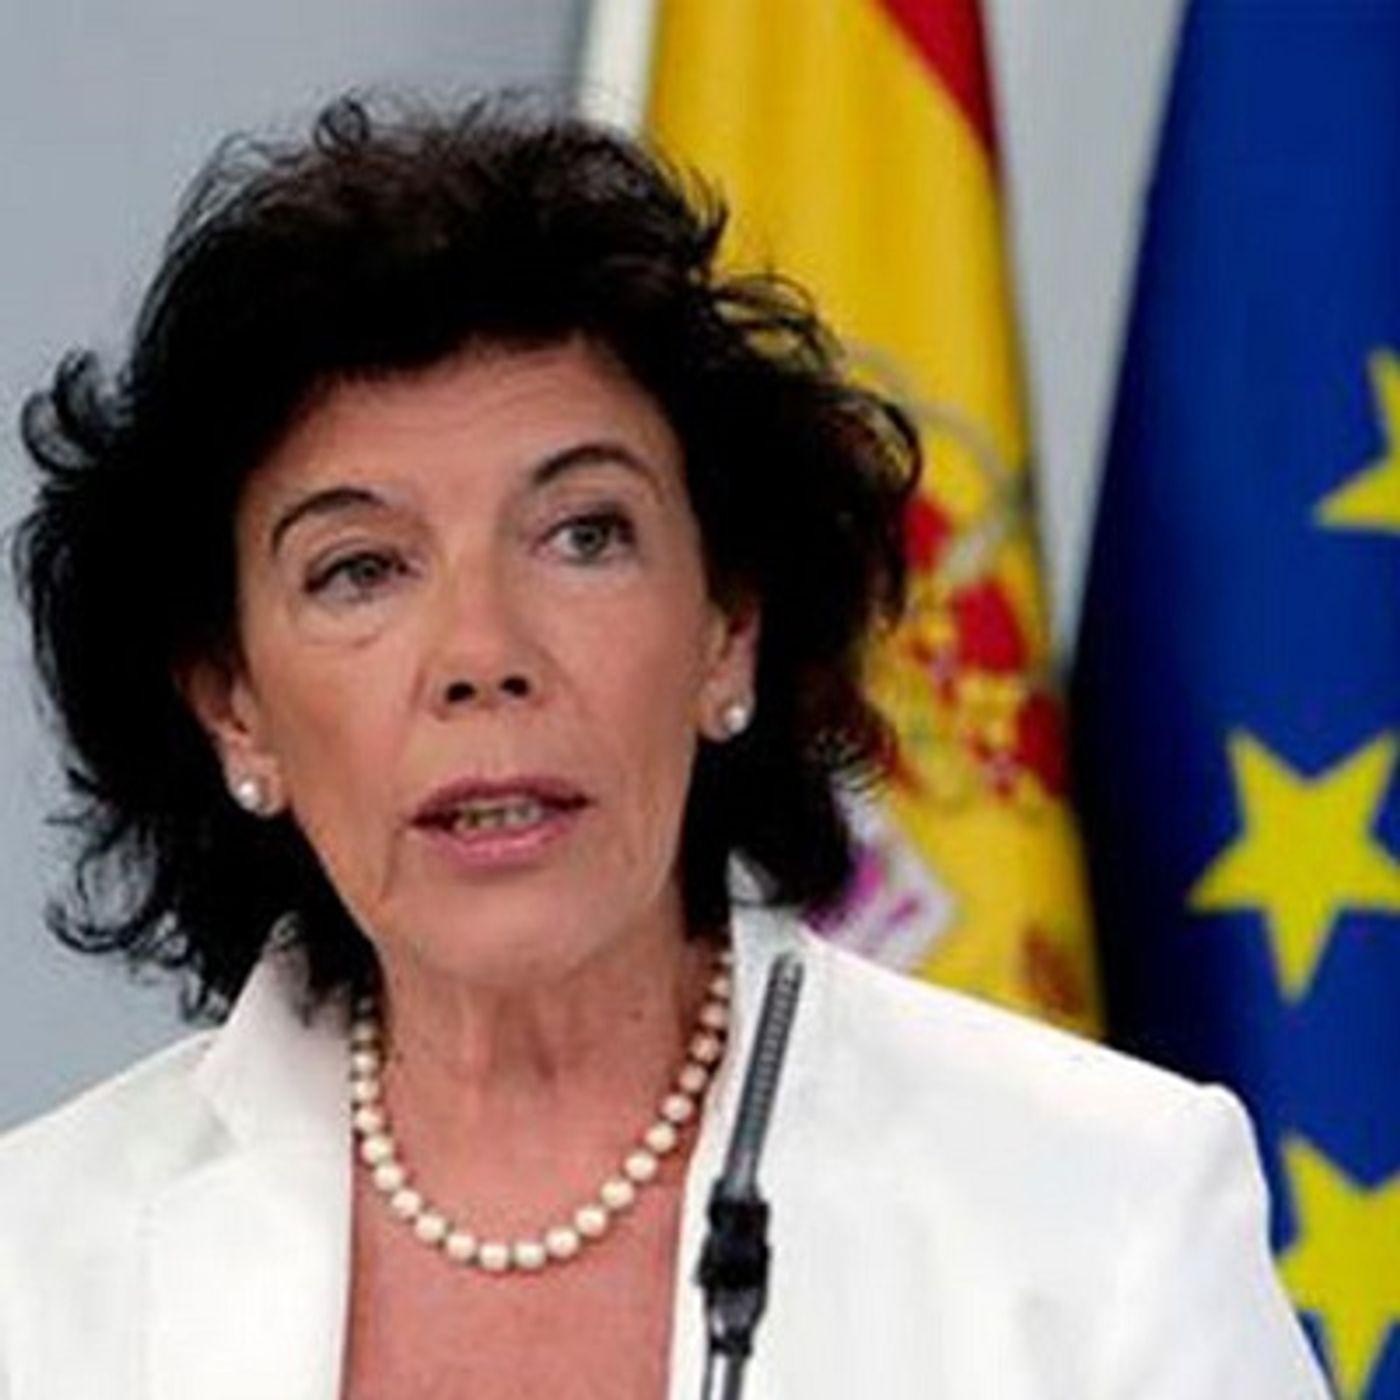 Spagna, puzza di regime: non puoi pensare diversamente dal governo